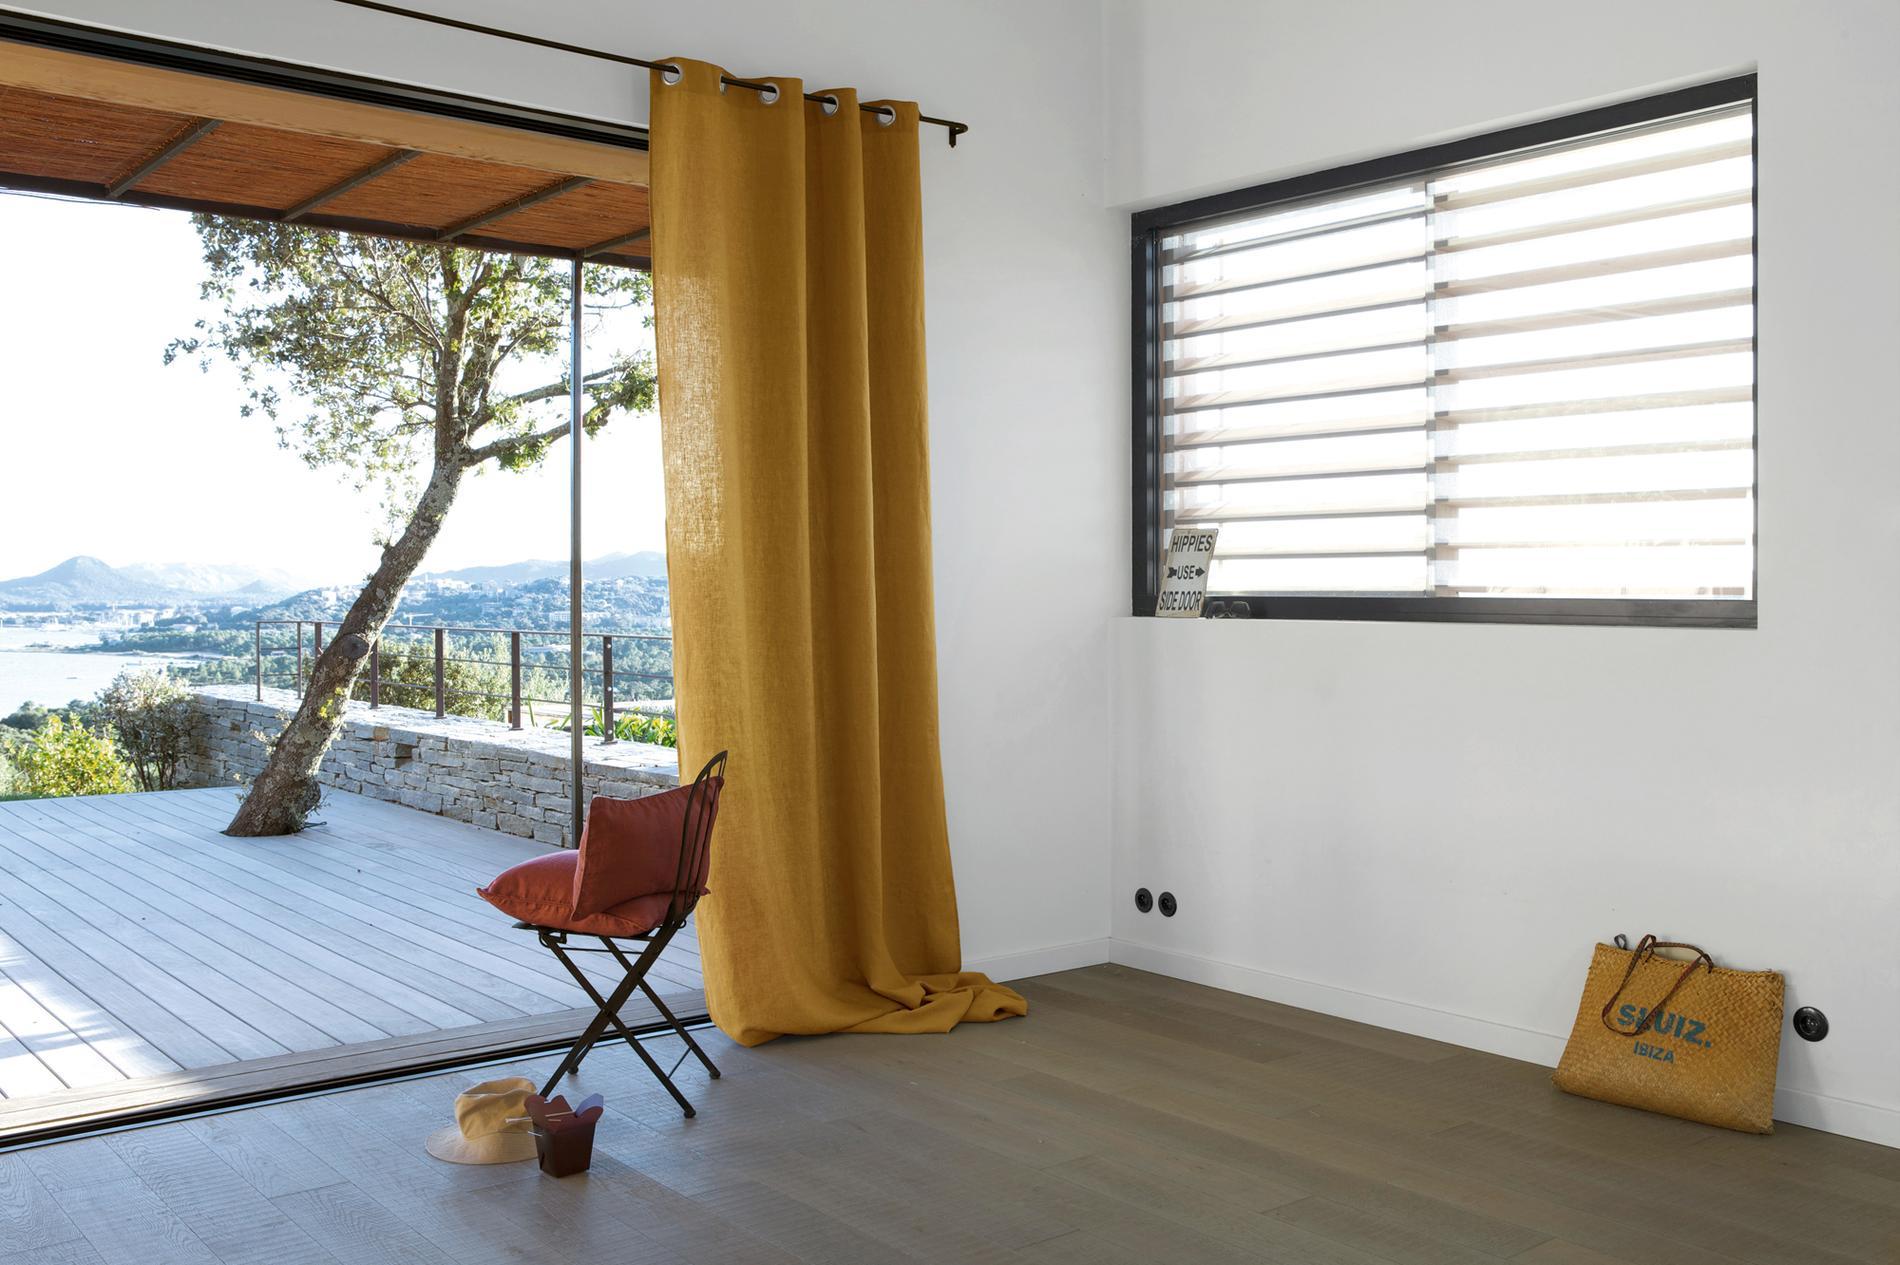 Rideaux : 20 nouveautés pour habiller ses fenêtres avec ...